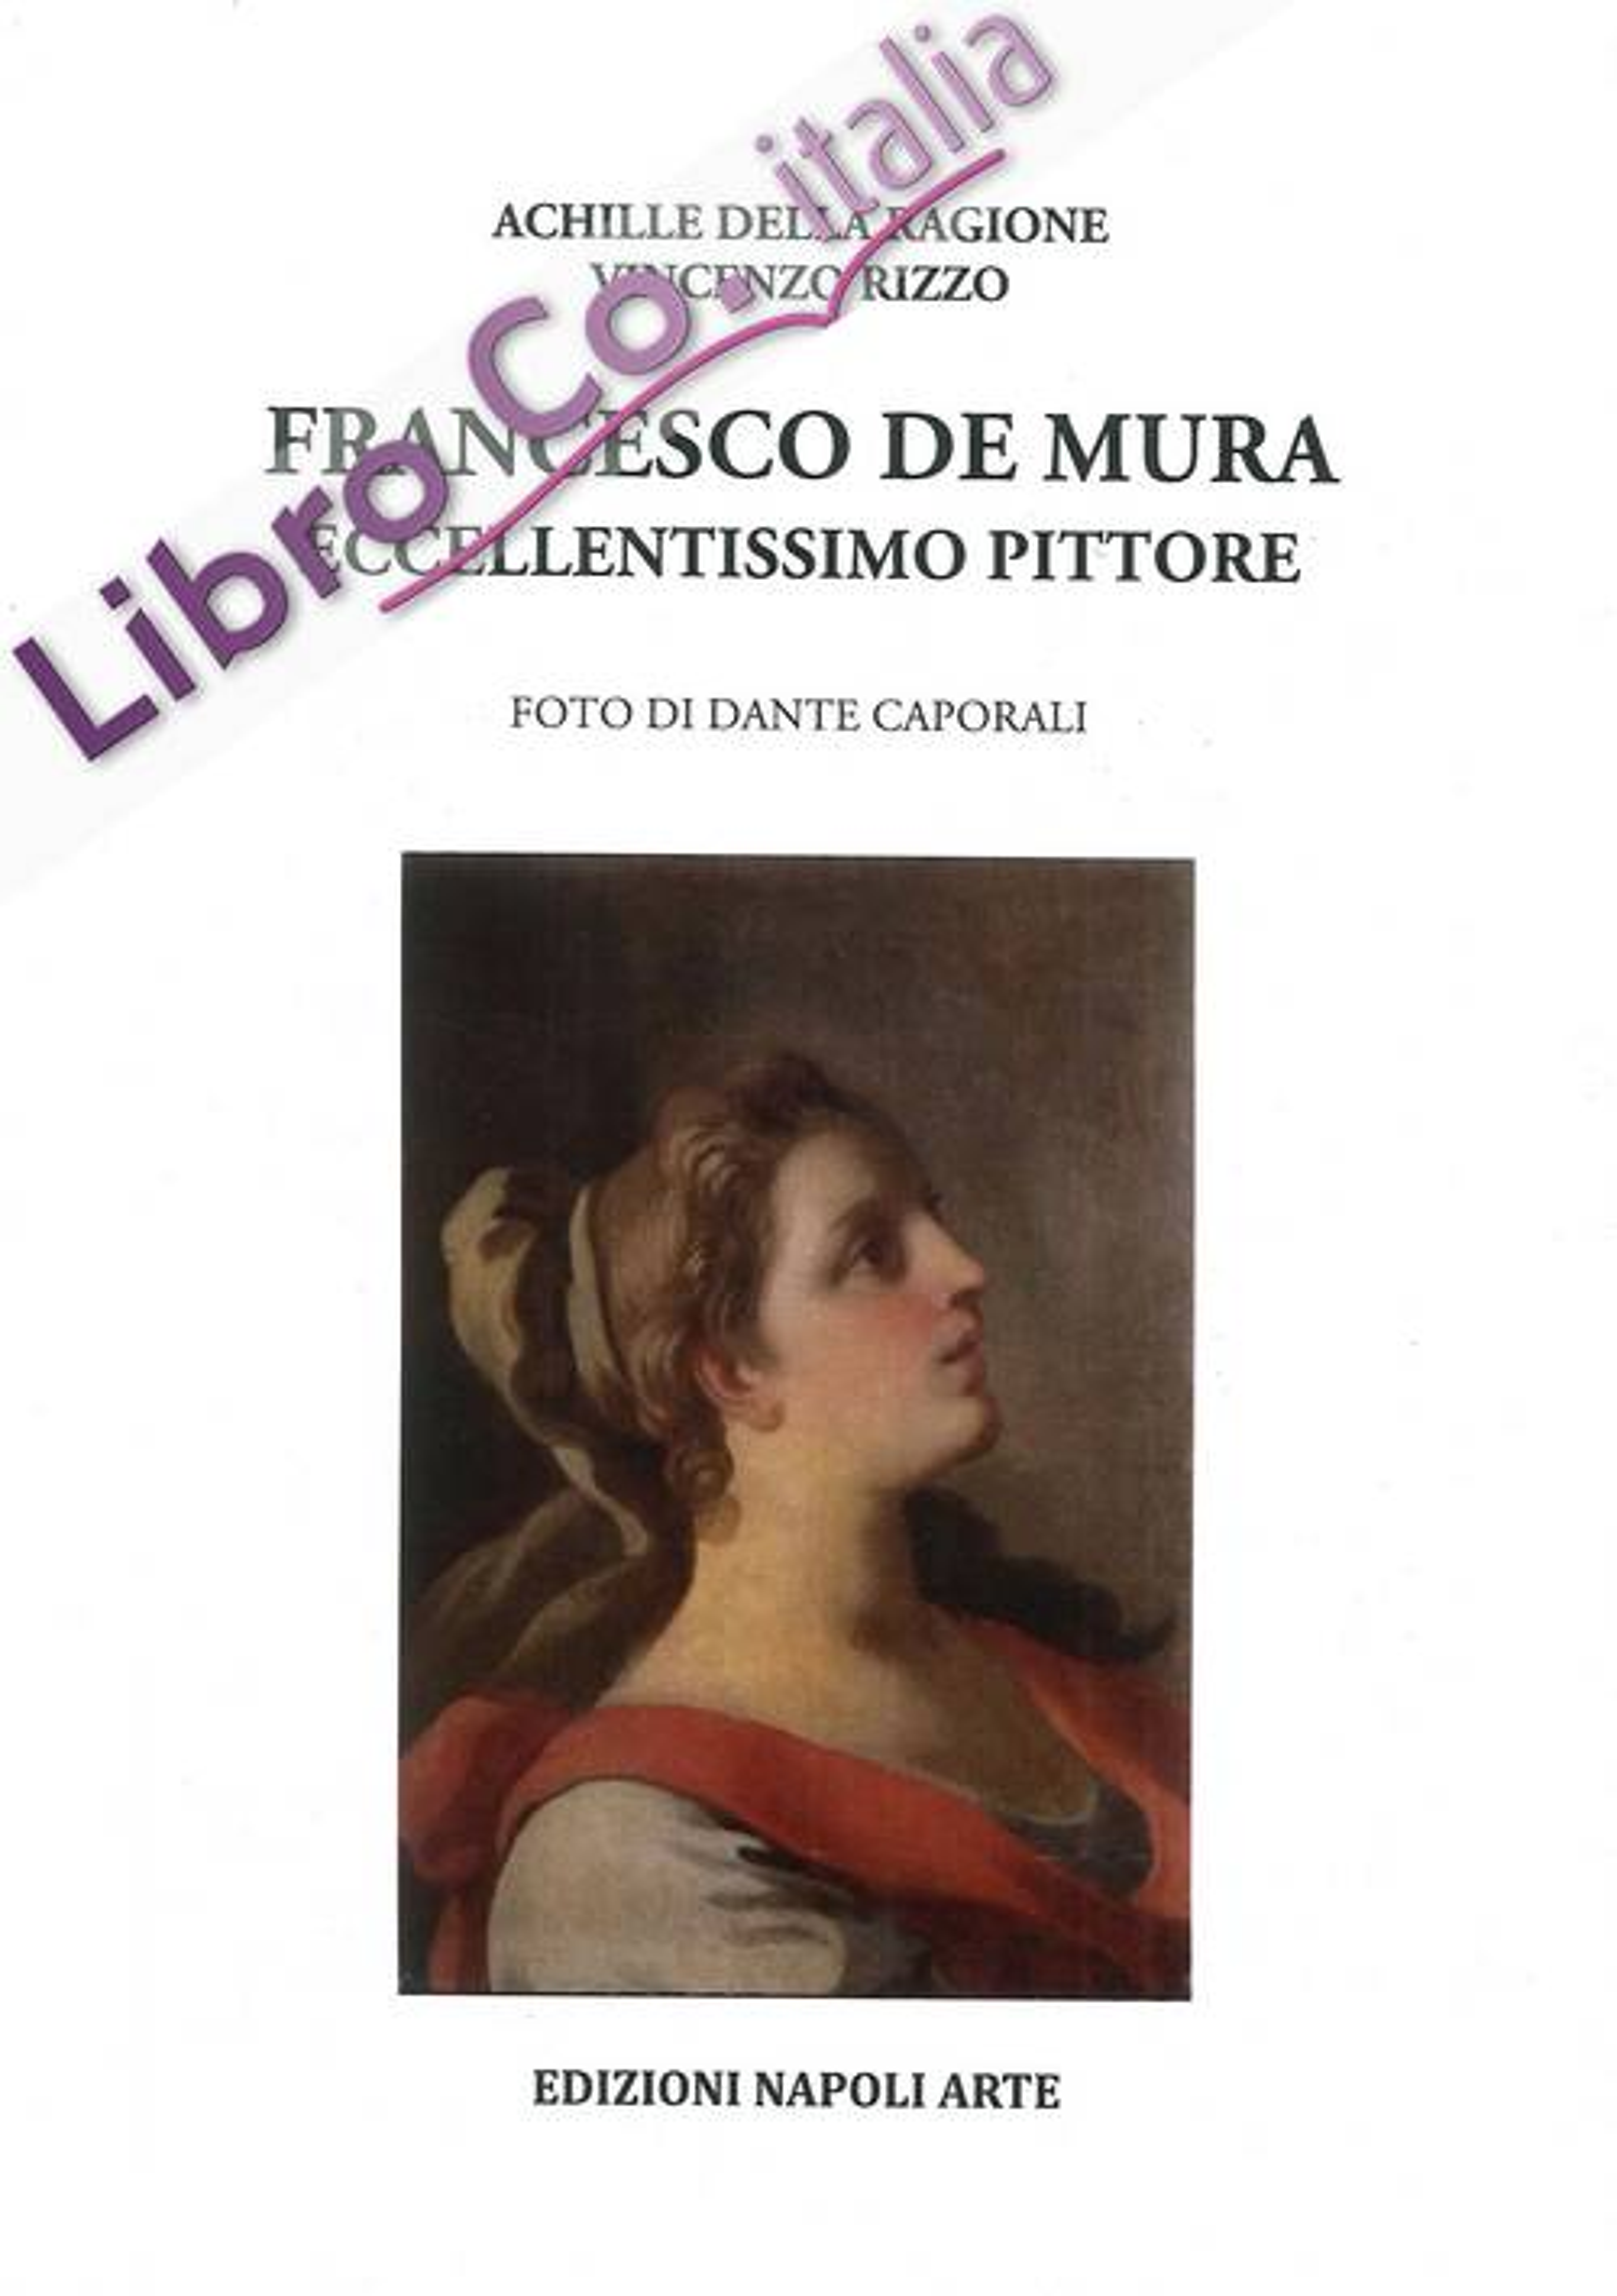 Francesco De Mura. Eccellentissimo pittore.